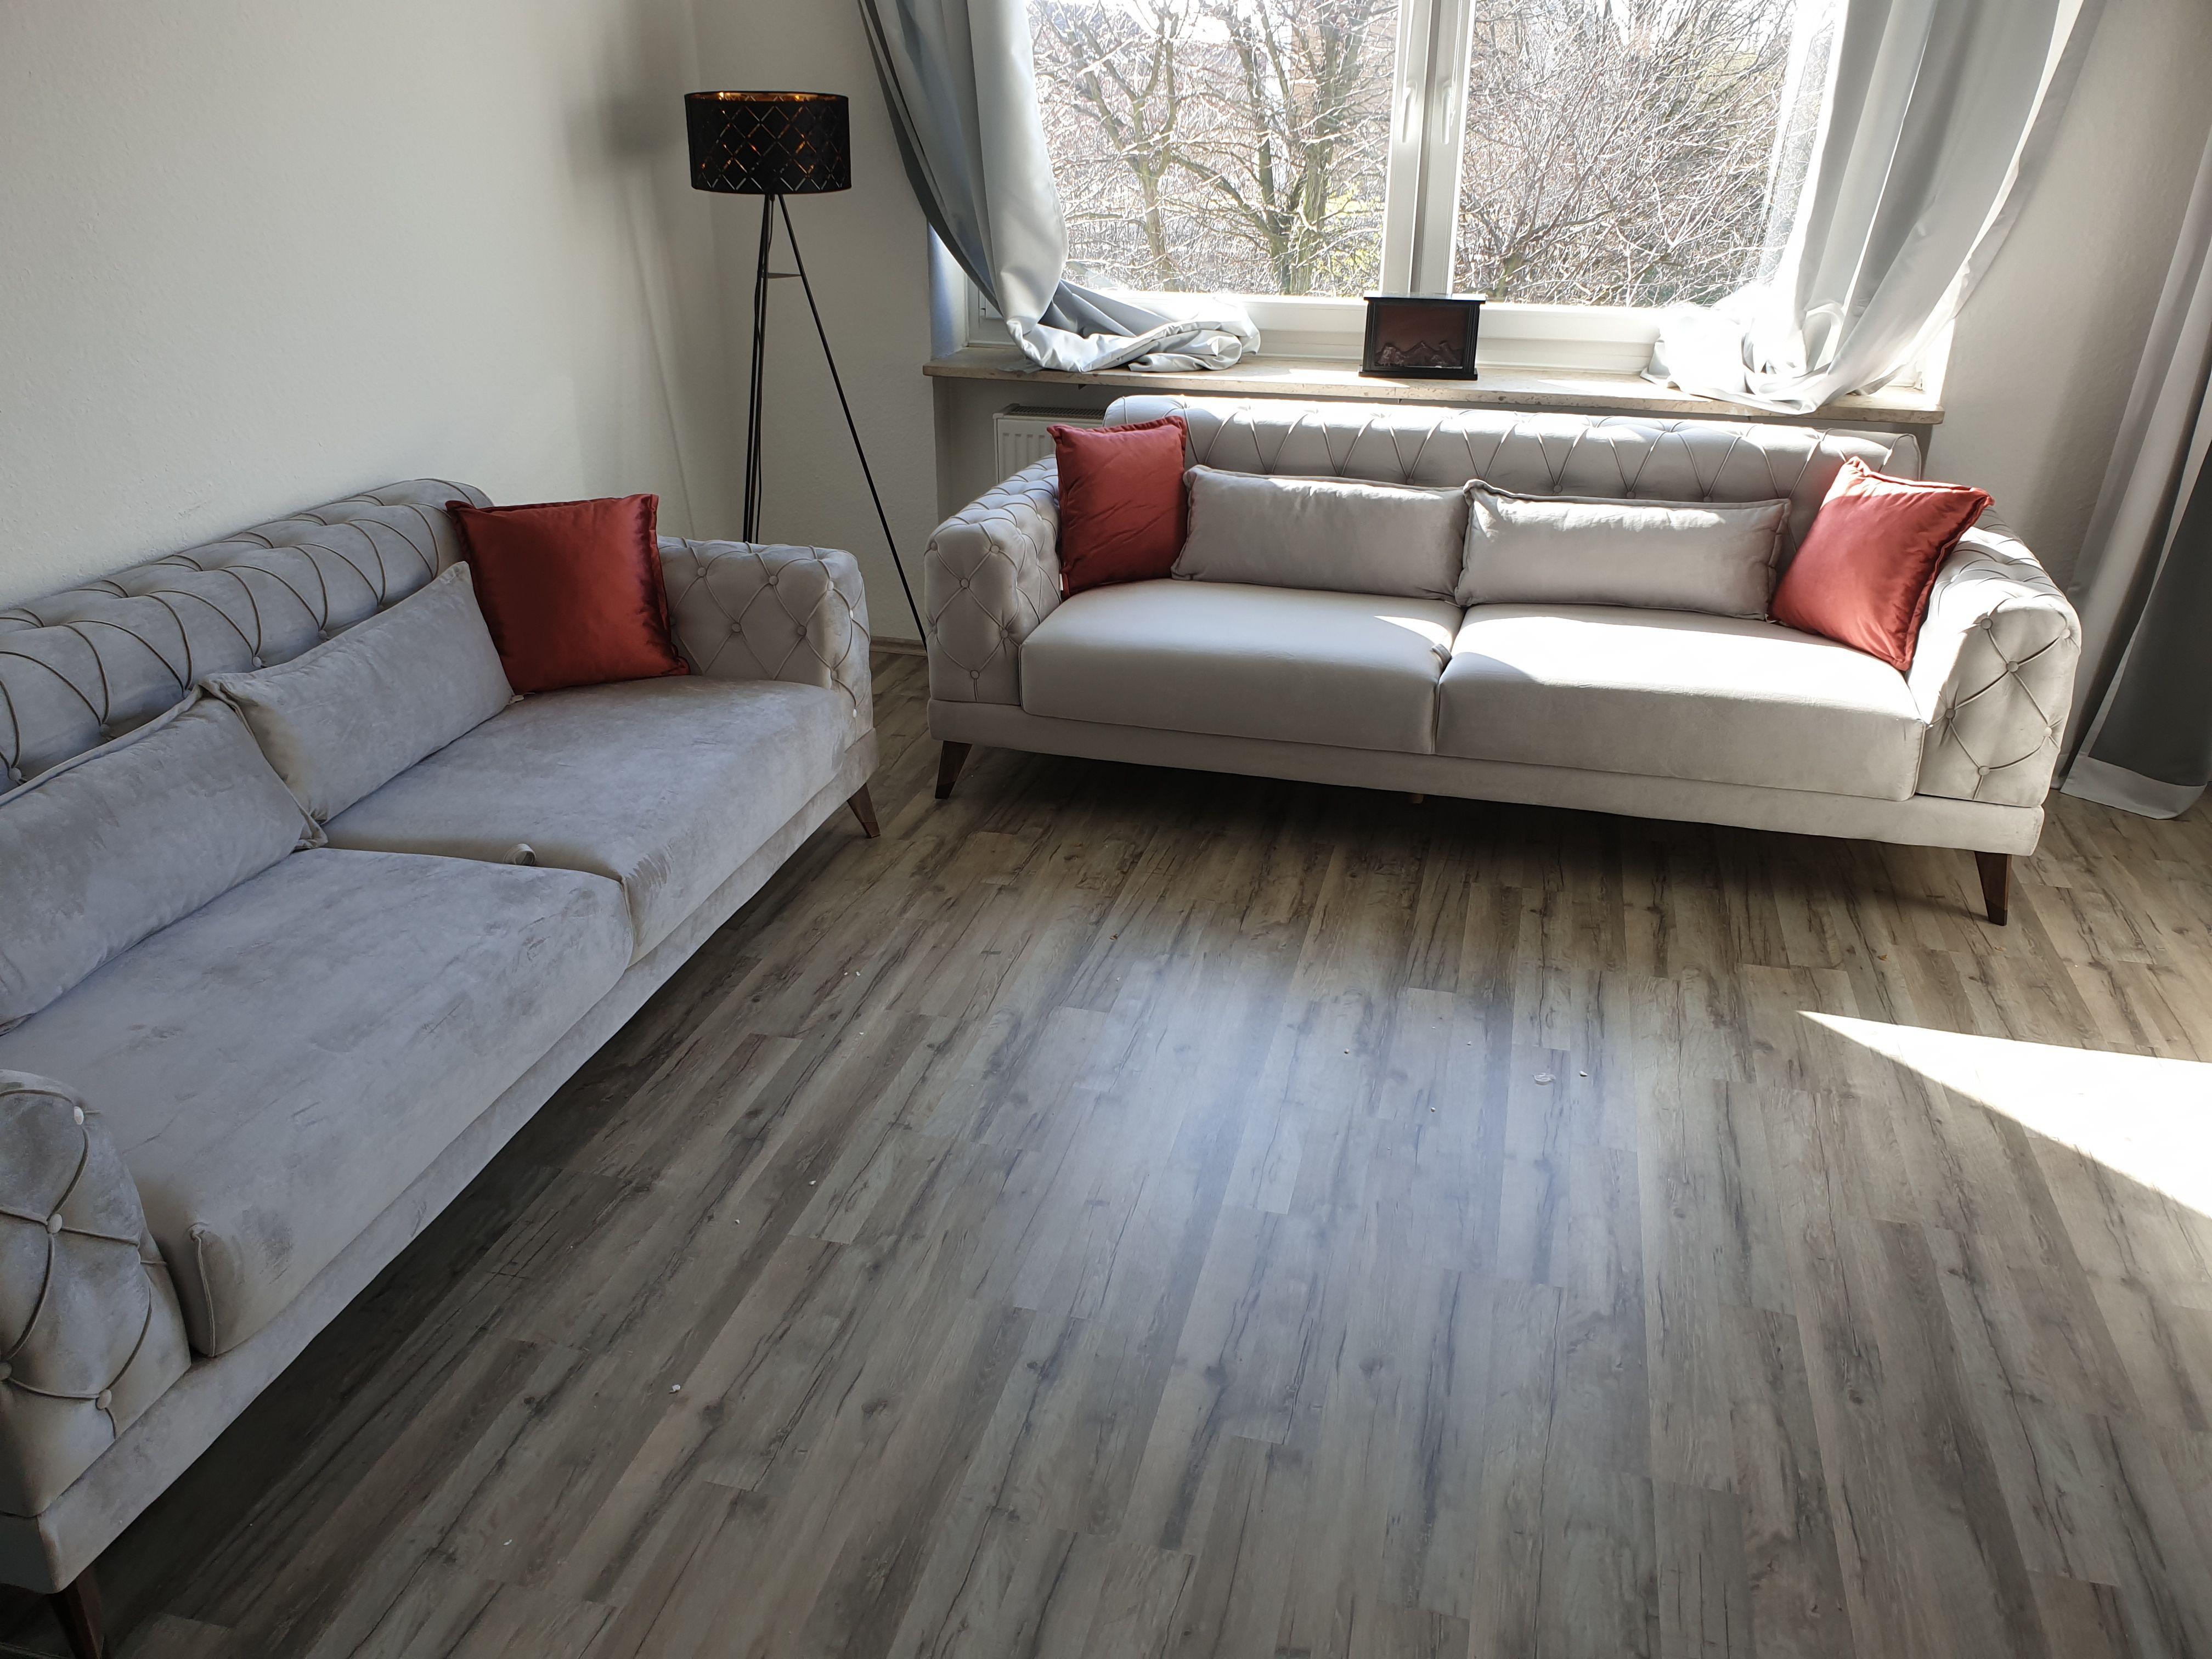 Werbung Wohnzimmer 0 Finanzierung Bis Zu 36 Monate Kostenlose Lieferung Montage Innerhalb 50km Opelstrasse 36 49 30916 I Mobel Wohnen Haus